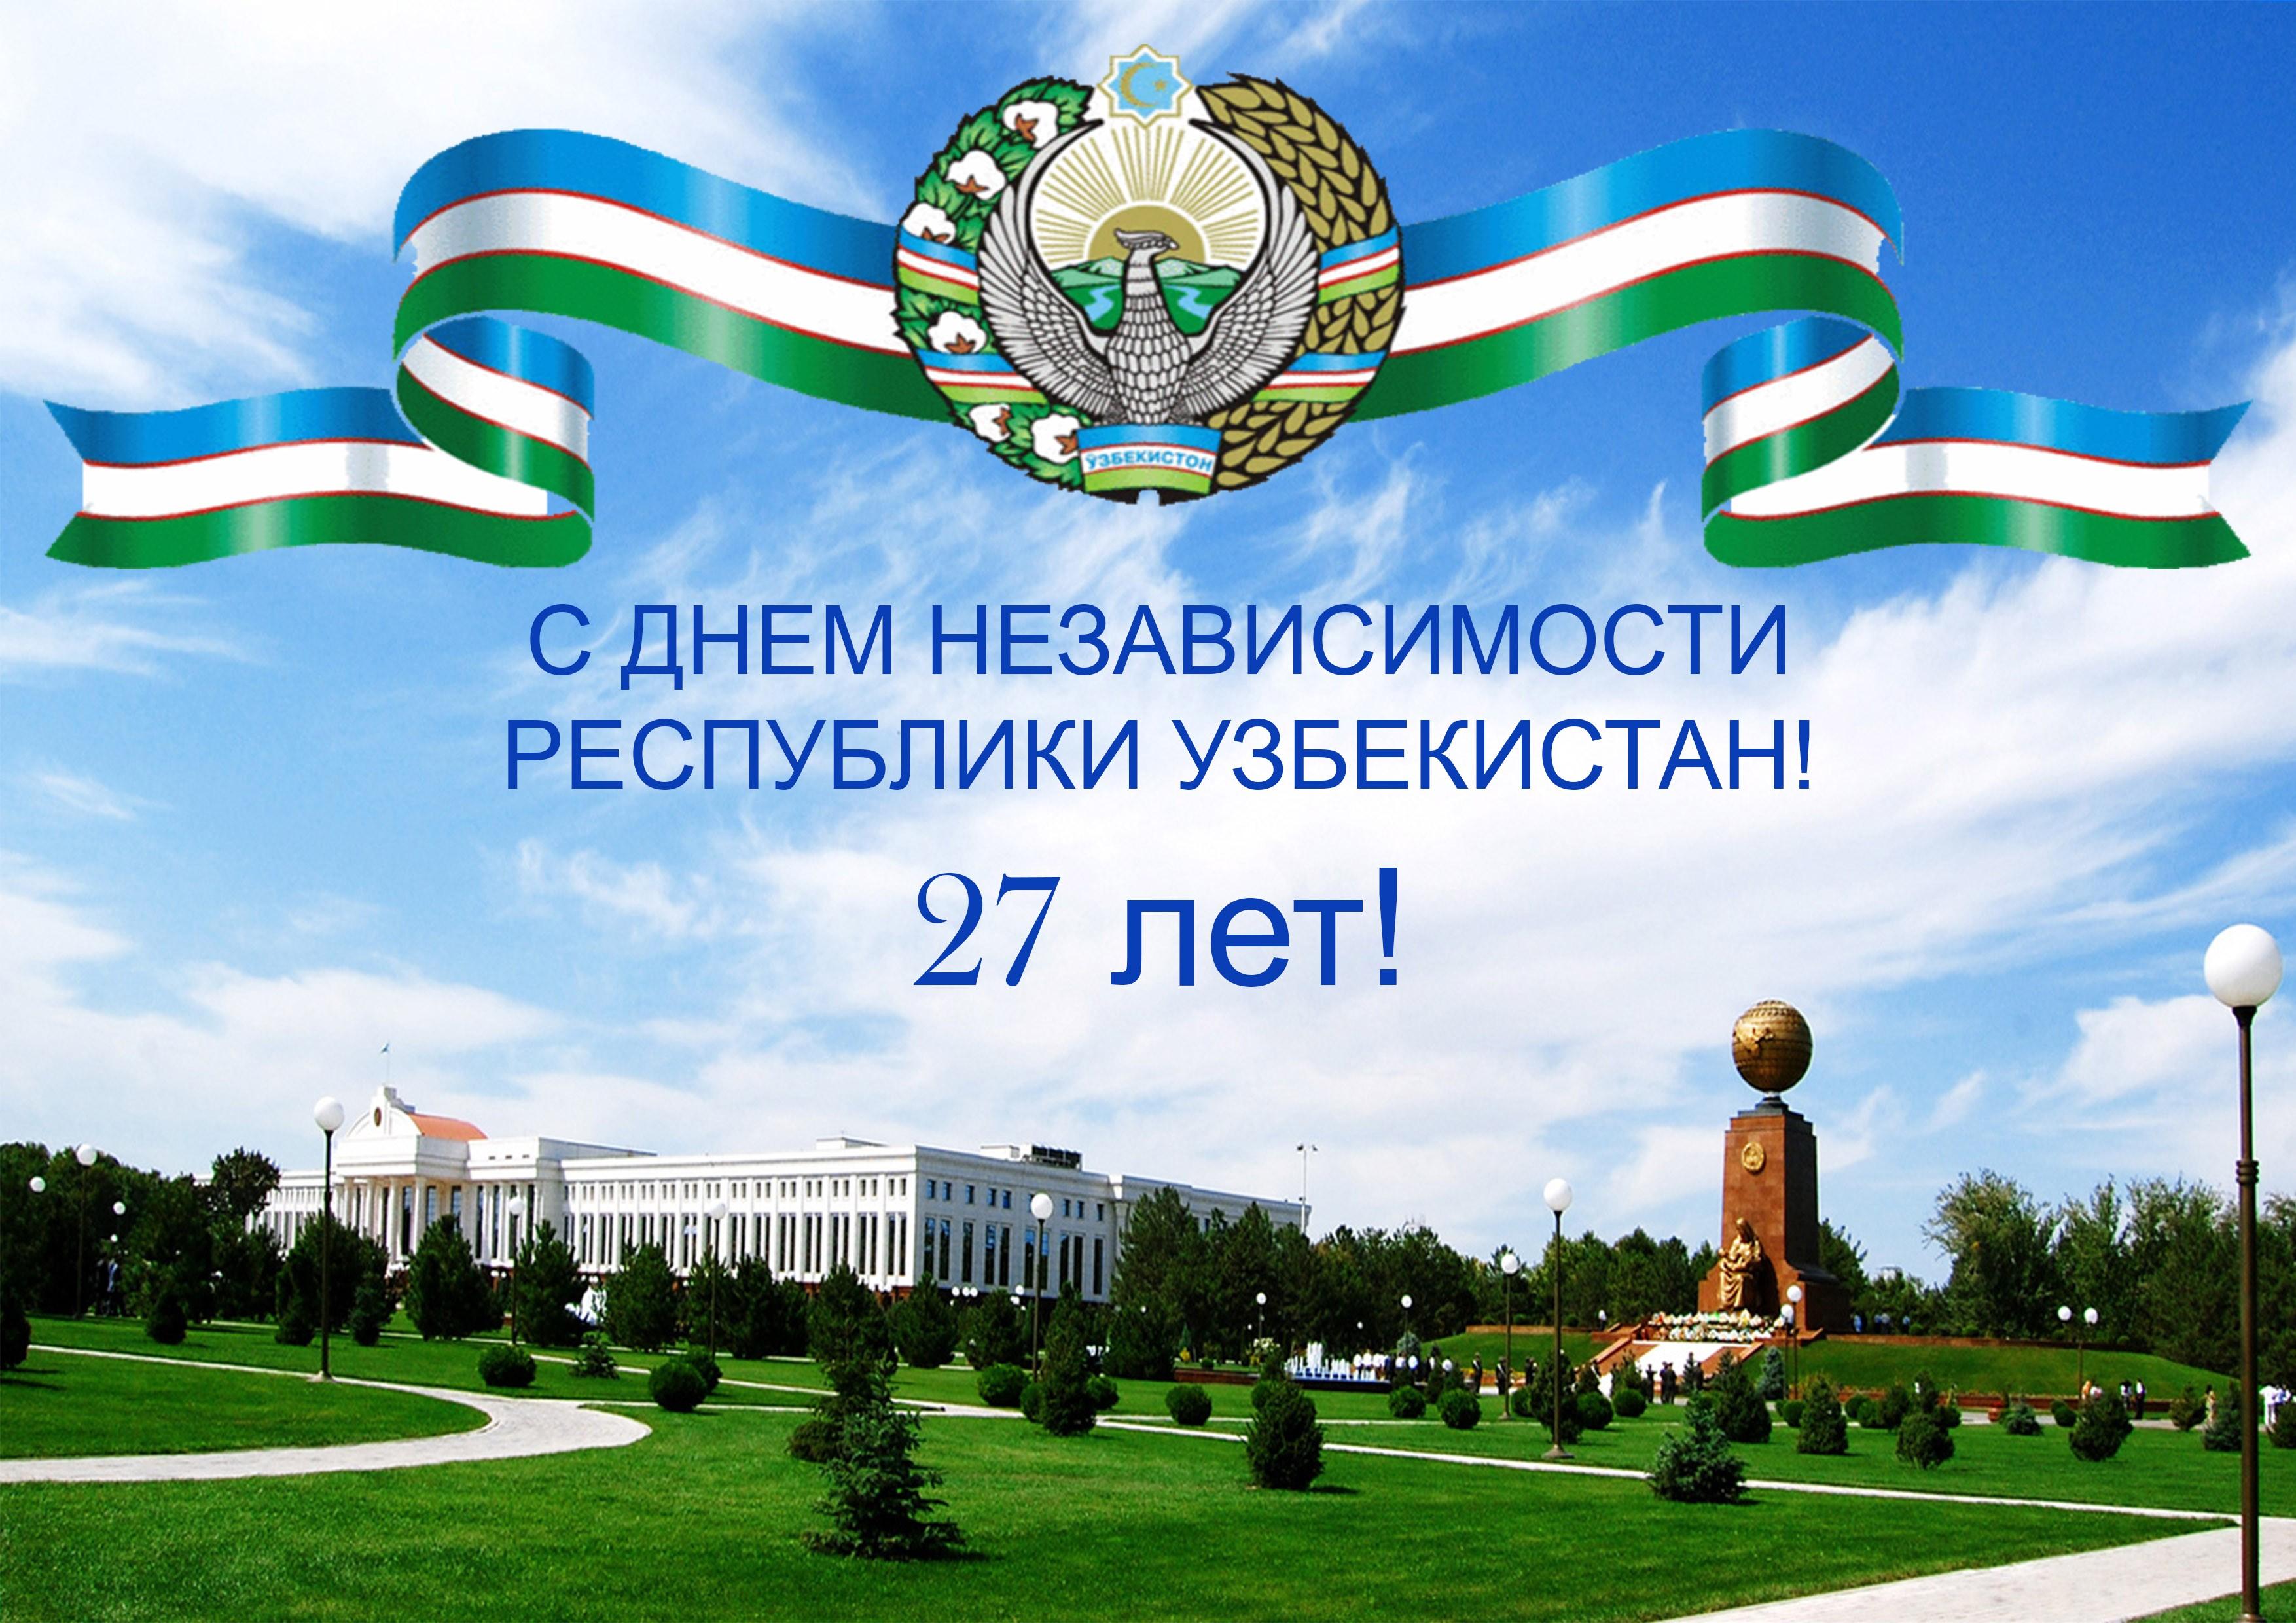 (RU) Дорогие друзья! Поздравляем Вас с 27-й годовщиной Независимости Республики Узбекистан!